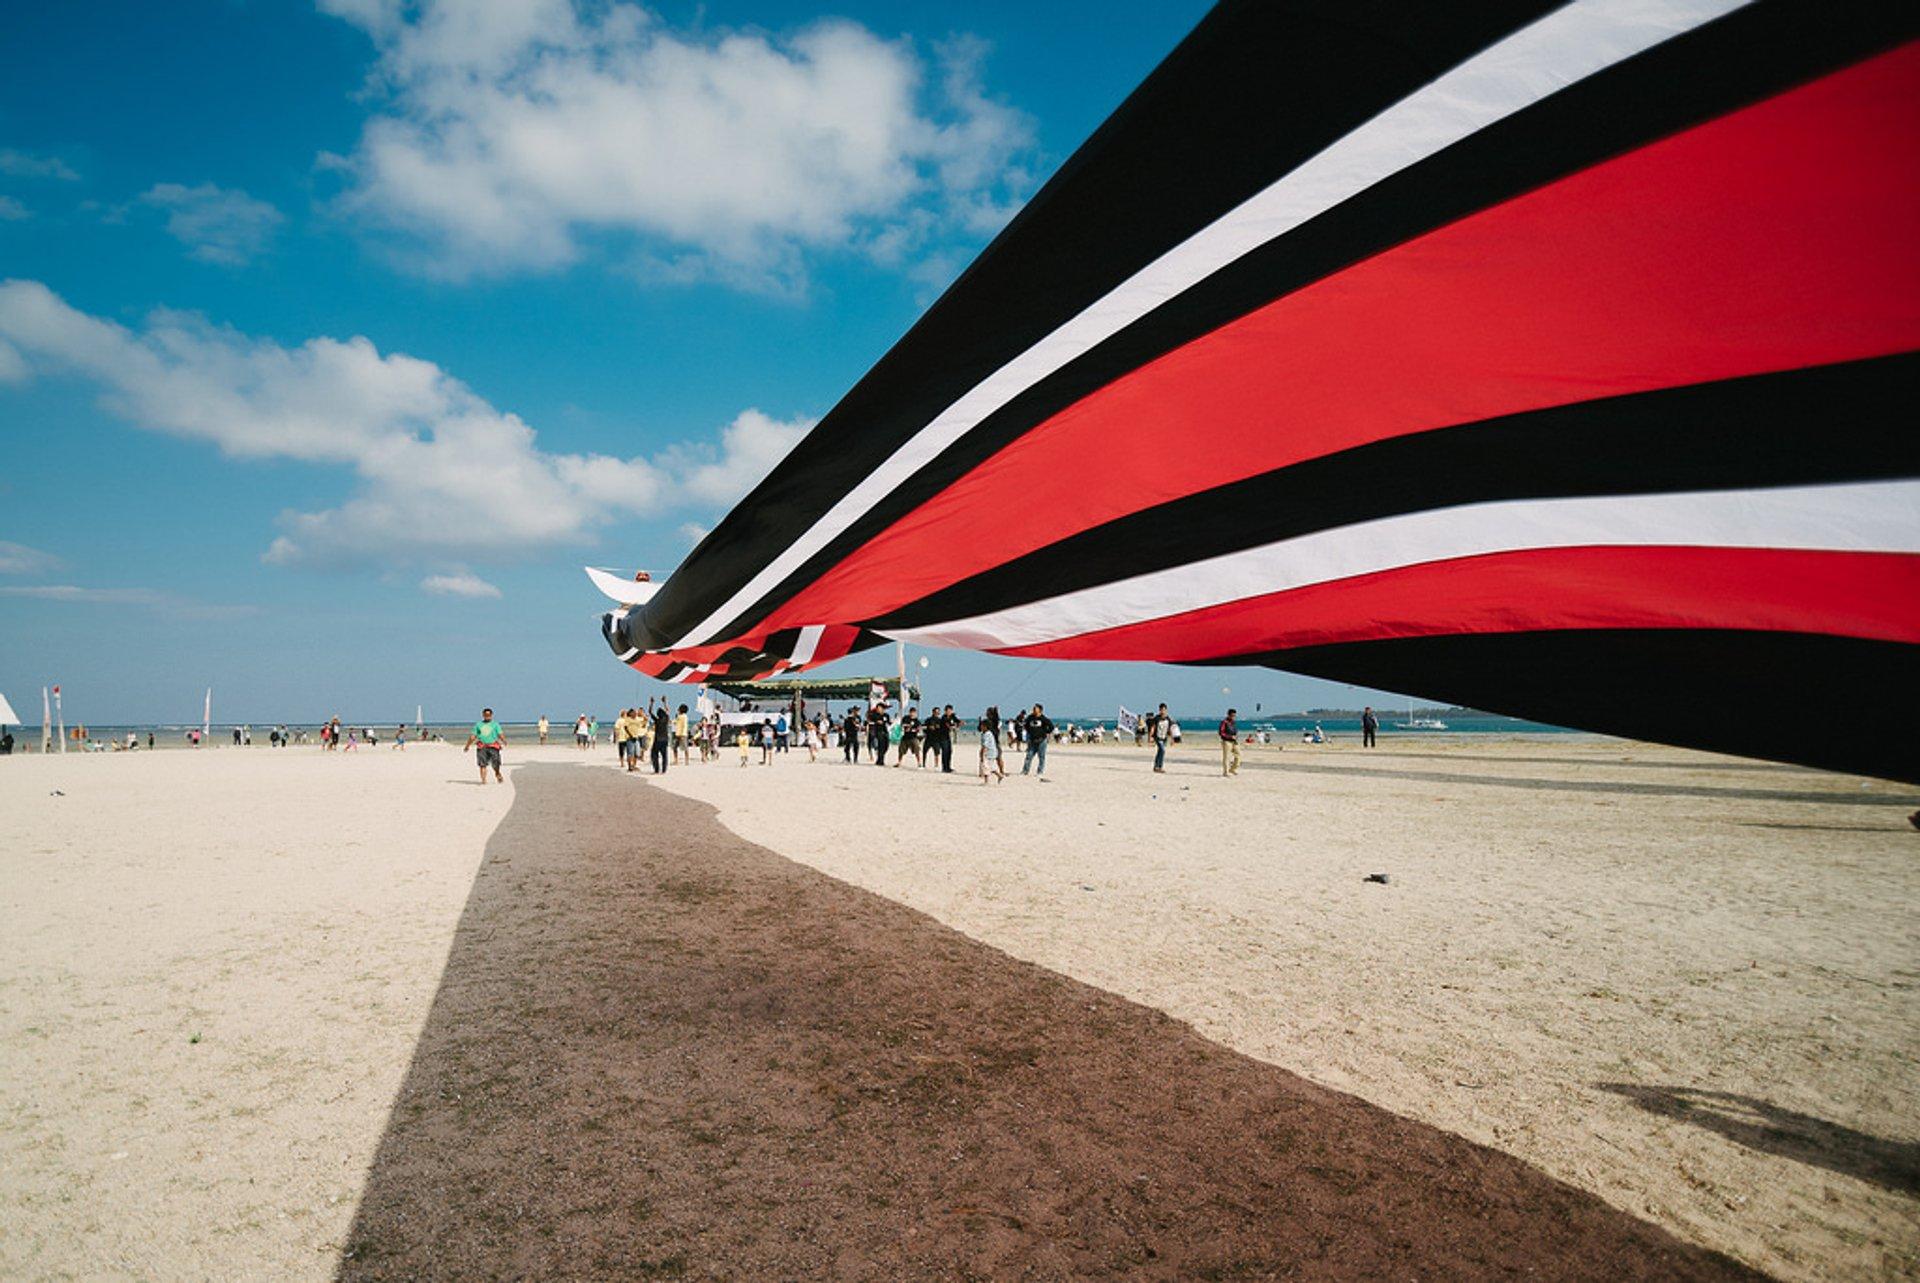 Bali Kite Festival in Bali - Best Season 2020